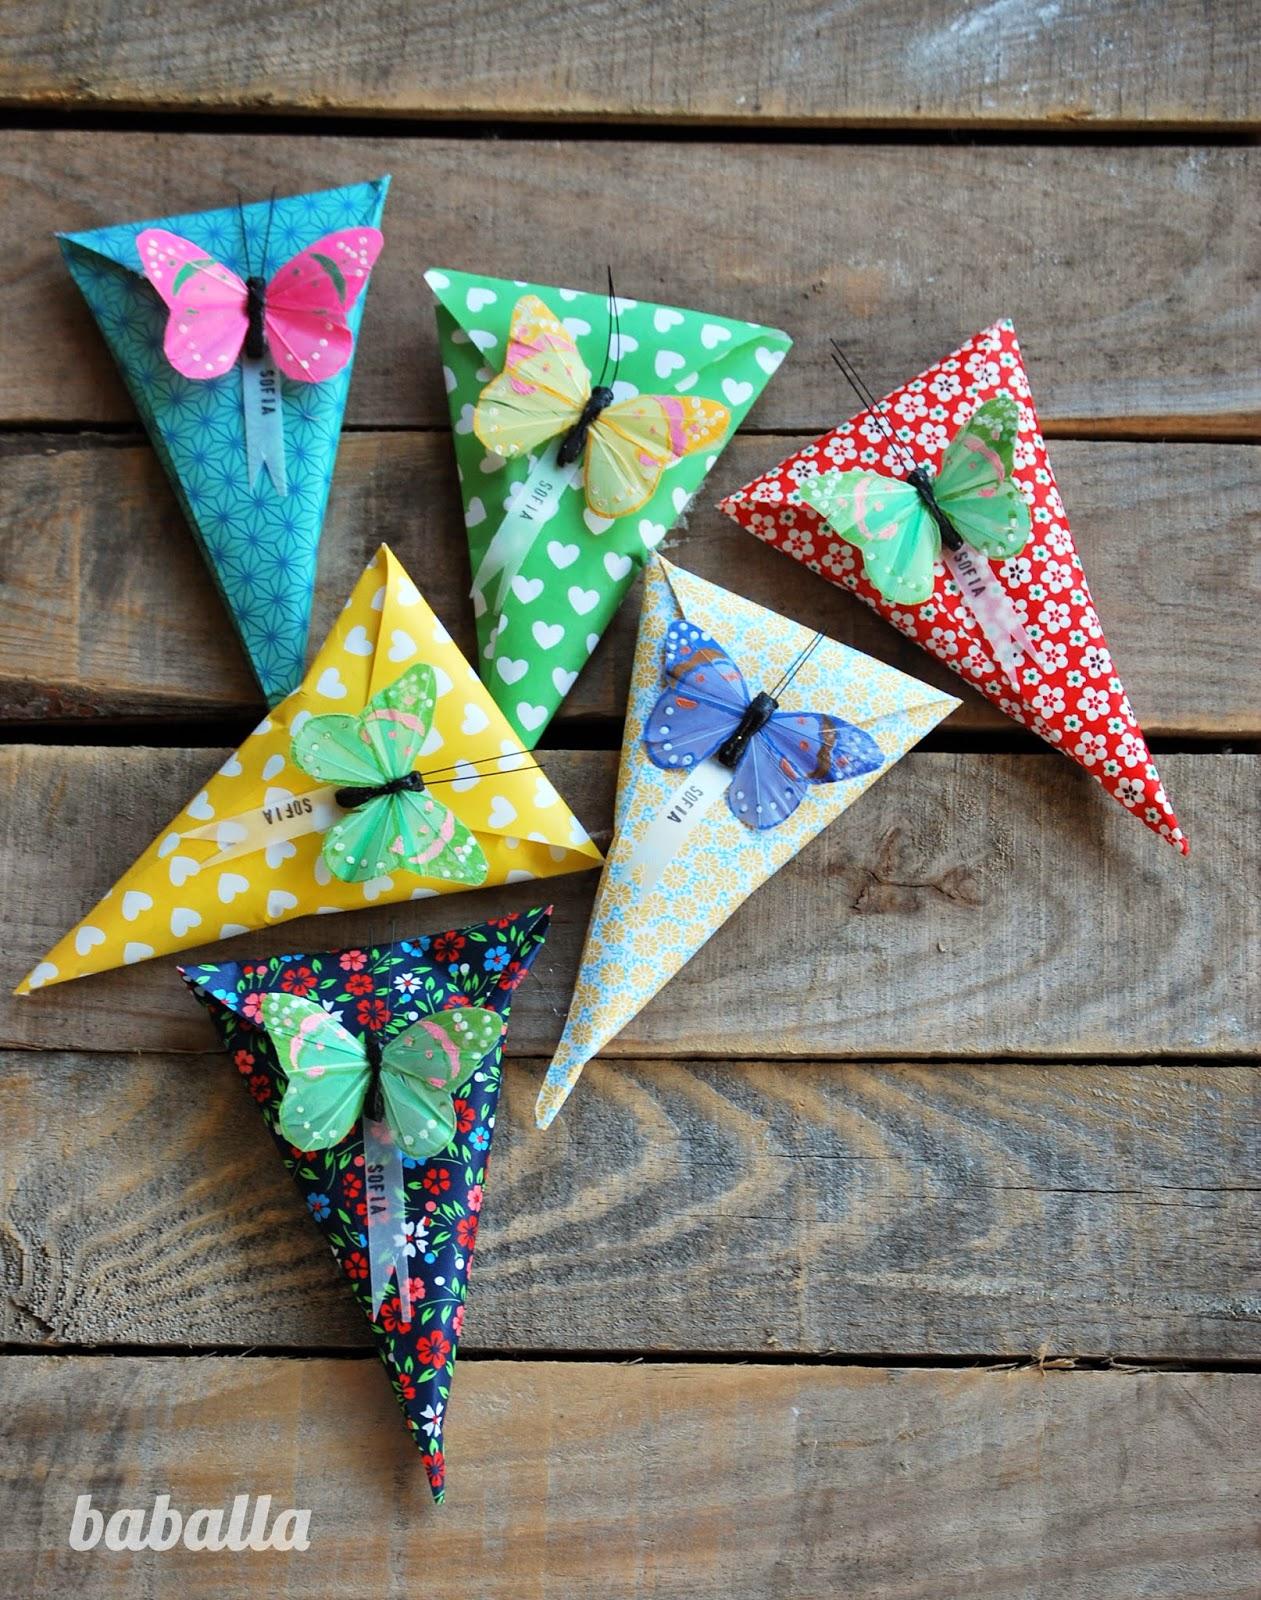 conos chuches con mariposa-3649-baballa